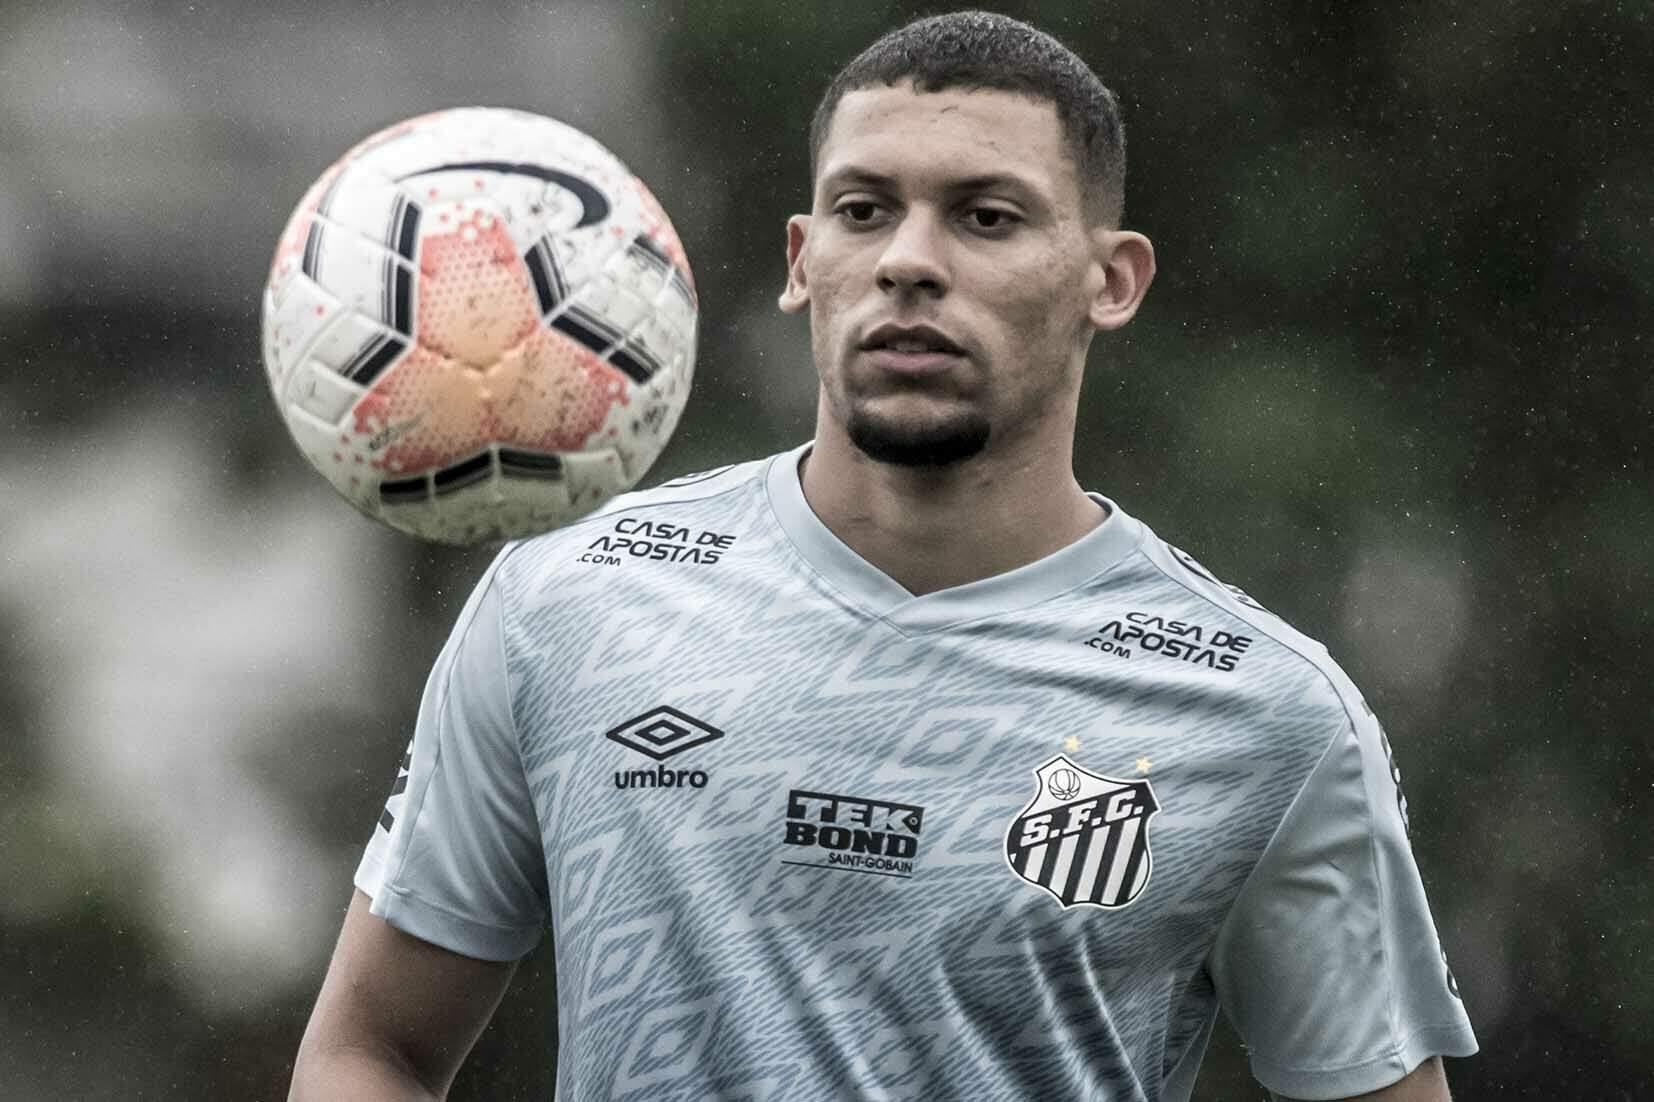 Alex foi titular da zaga do Santos nos dois jogos do Campeonato Paulista